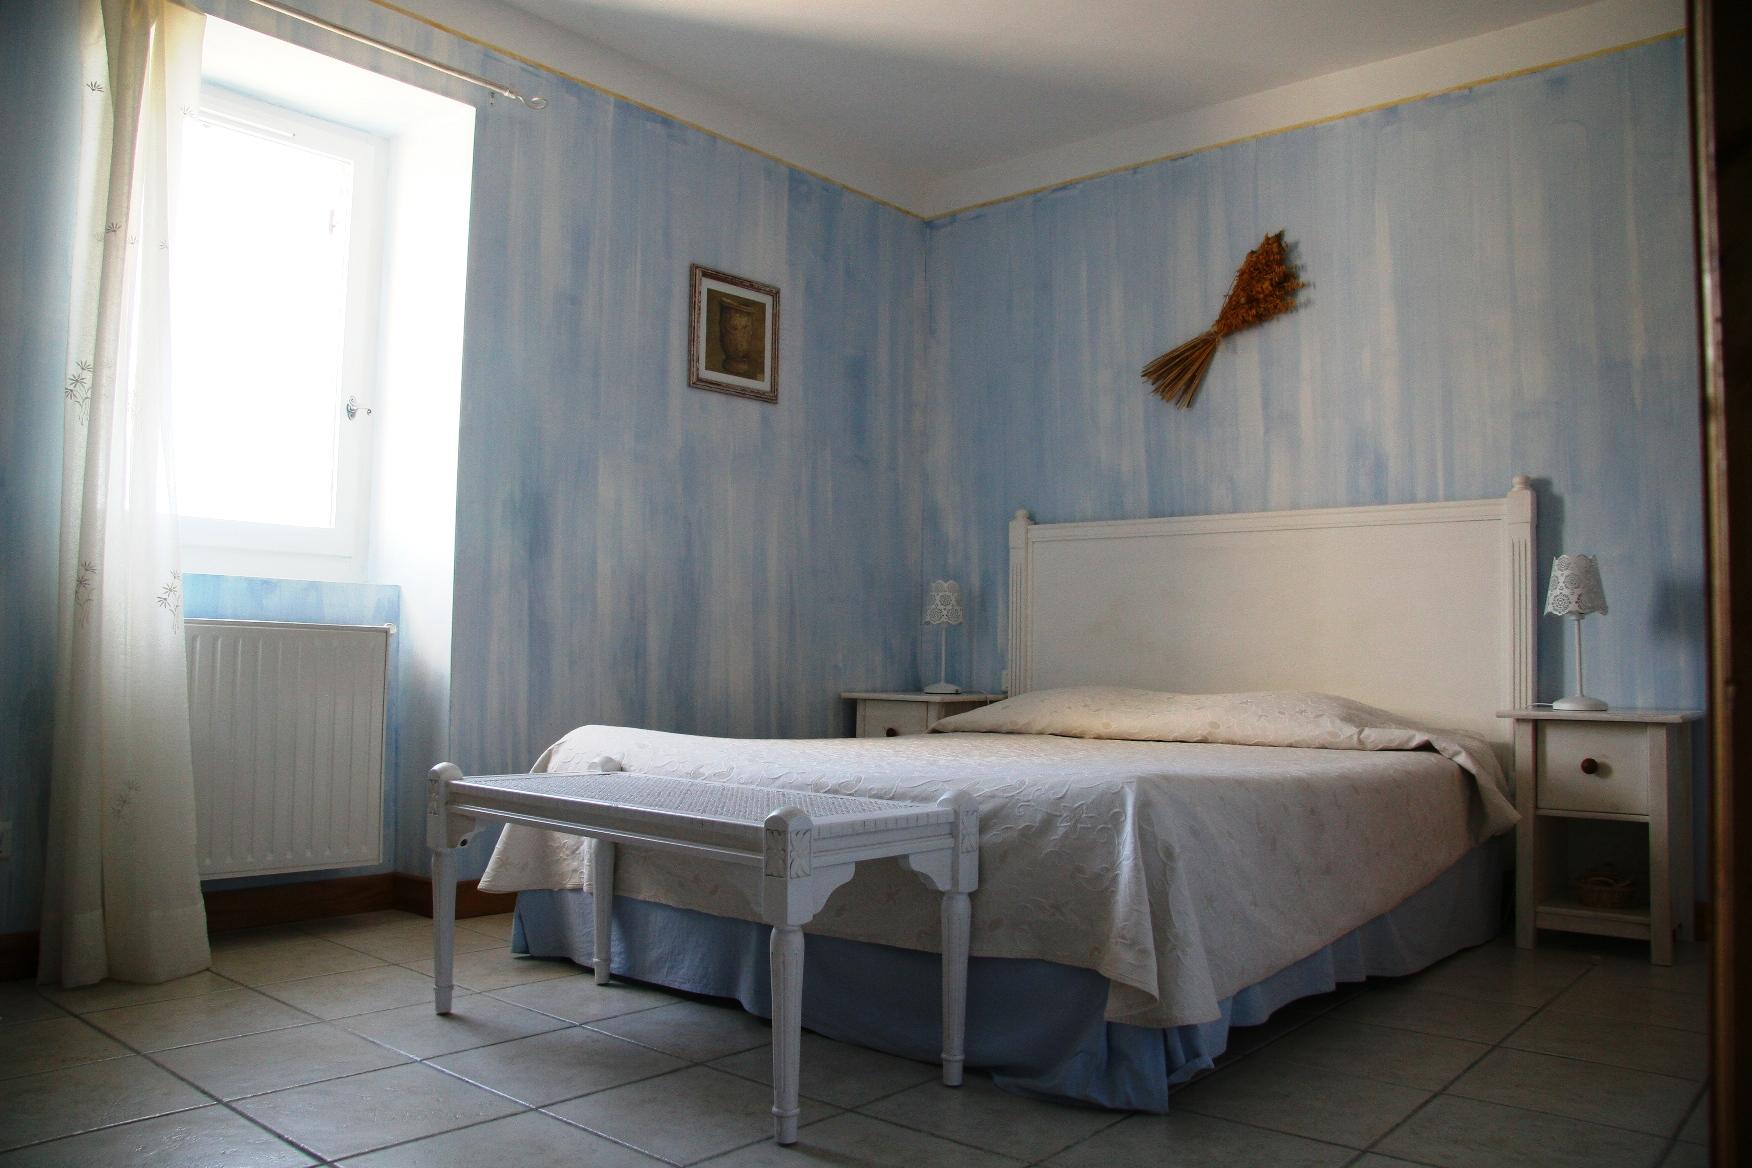 les hauts d 39 issensac une chambre d 39 hotes dans l 39 h rault dans le languedoc roussillon album. Black Bedroom Furniture Sets. Home Design Ideas